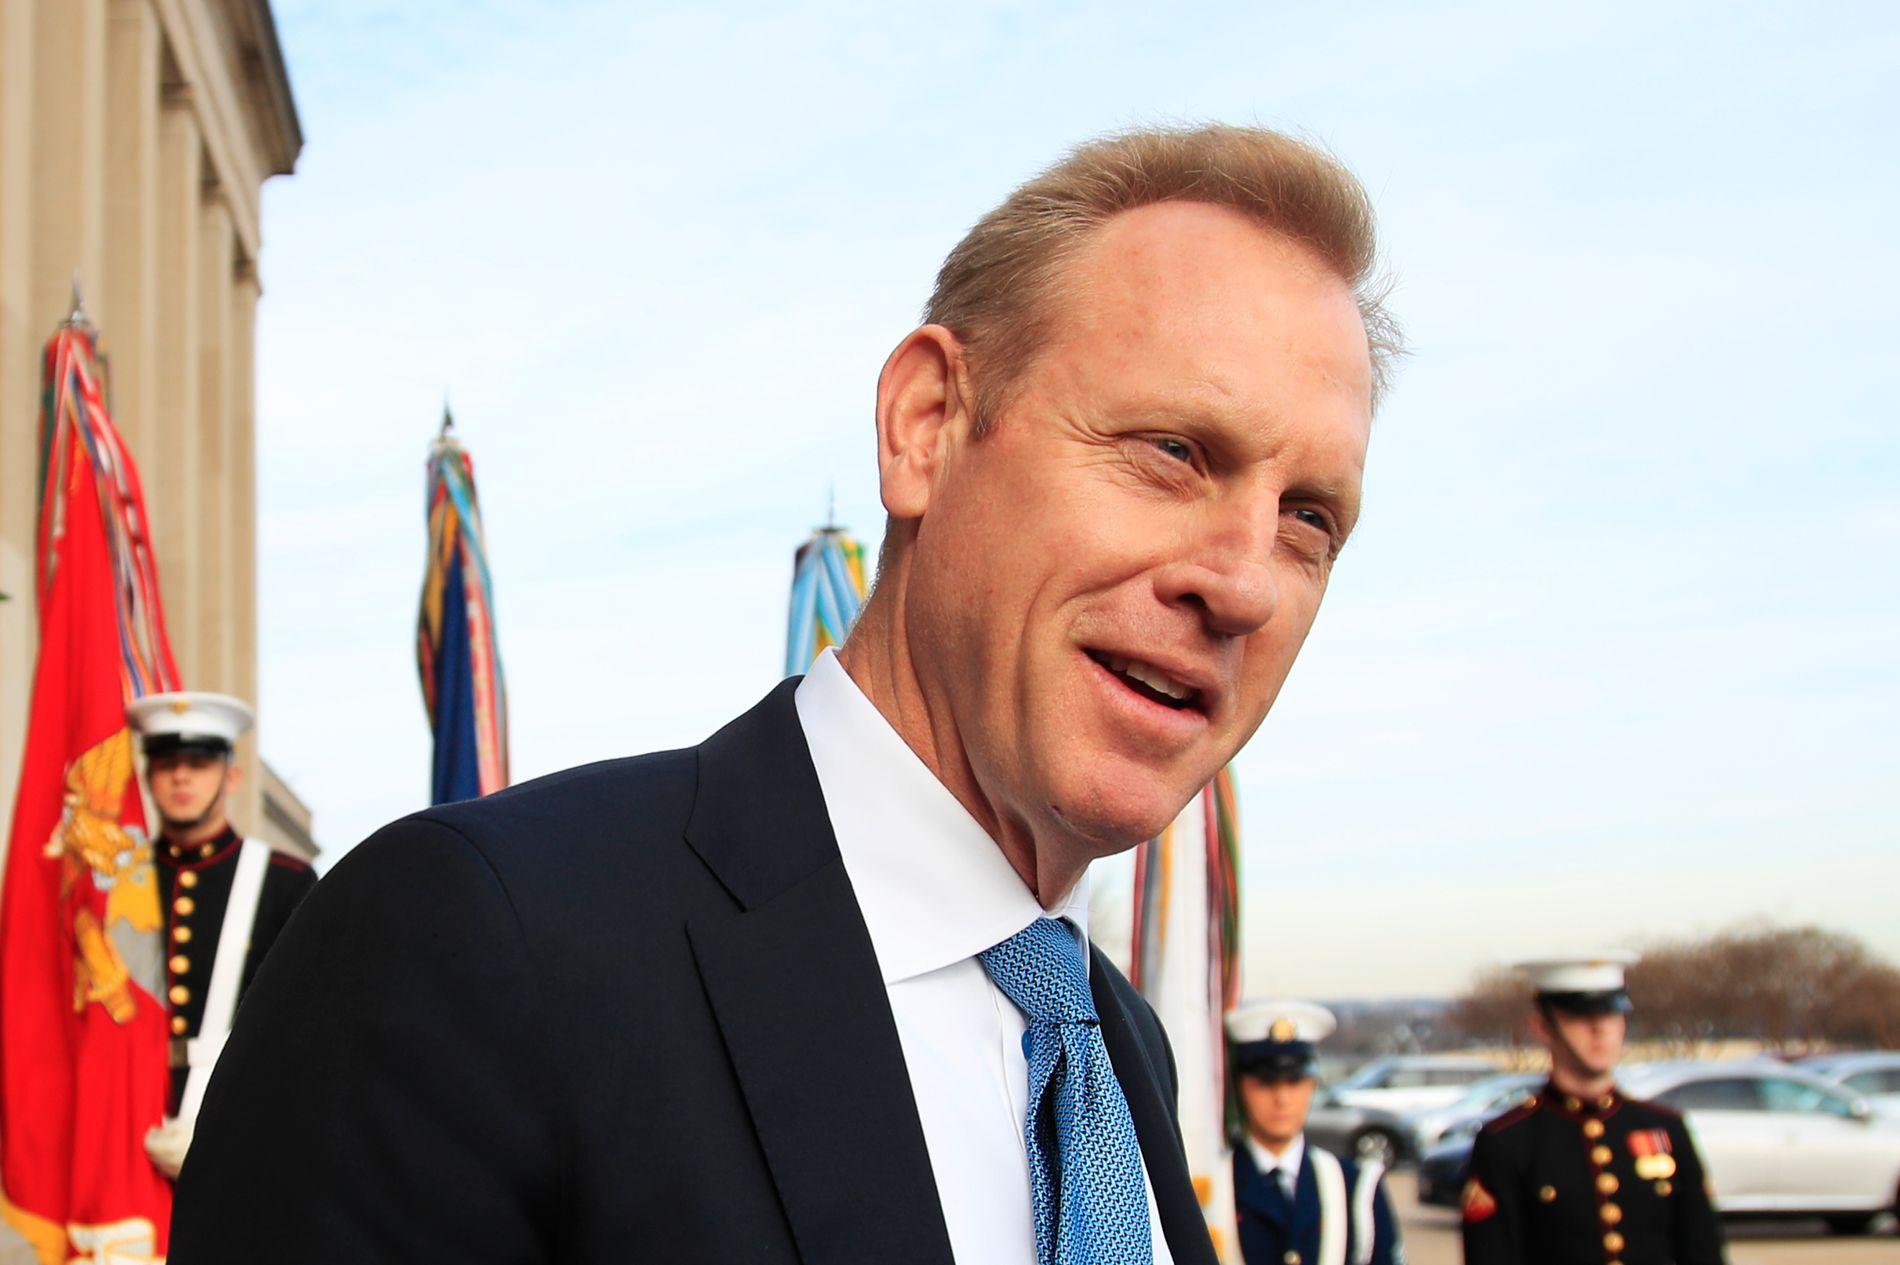 BLIR FORSVARSMINISTER: Vise-forsvarsminister   Patrick Shanahan blir fungerende forsvarsminister når Jim Mattis går av 1. januar.